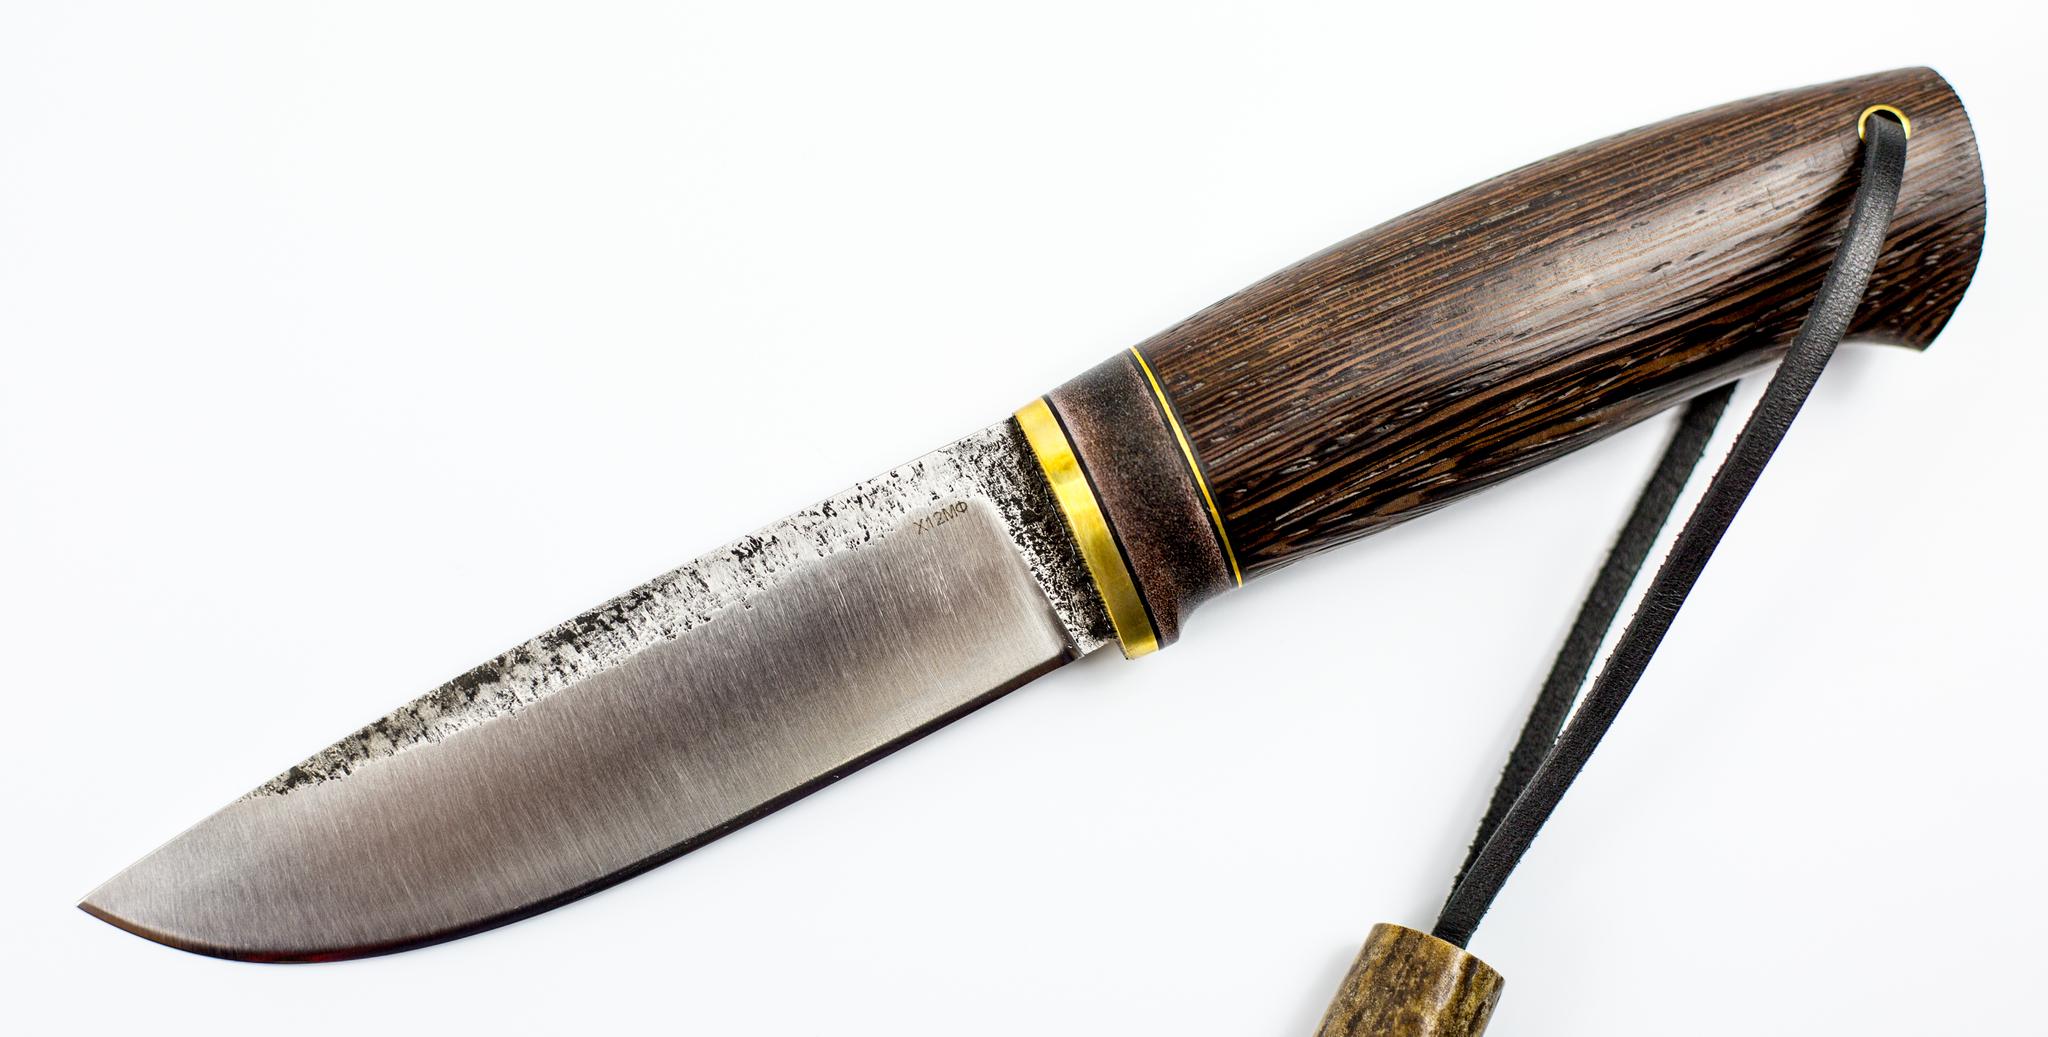 Нож Барбус, сталь Х12МФ, венге, рог лосяНожи Староминск<br>«БАРБУС» - универсальный нож. Изготавливается в ручную в различных модификациях, благодаря расширенным техническим характеристикам, указанным в информационном листе.<br>Ножи мастерской братьев Сандерс являются одними из лучших ножей России. Удачные формы и хорошая термообработка стали ставят их в ряд лучших производителей отечественных ножей. Концепция ножа выполнены в Скандинавском стиле, тонкое сведение и удобные рукояти ставят эти изделия ручной работы в разряд высшего класса. Каждый нож укомплектован формованными ножнами из натуральной кожи. Ножны сделаны для каждого ножа индивидуально. Рукояти как правило исполнены из ценных пород стабилизированной древесины<br>